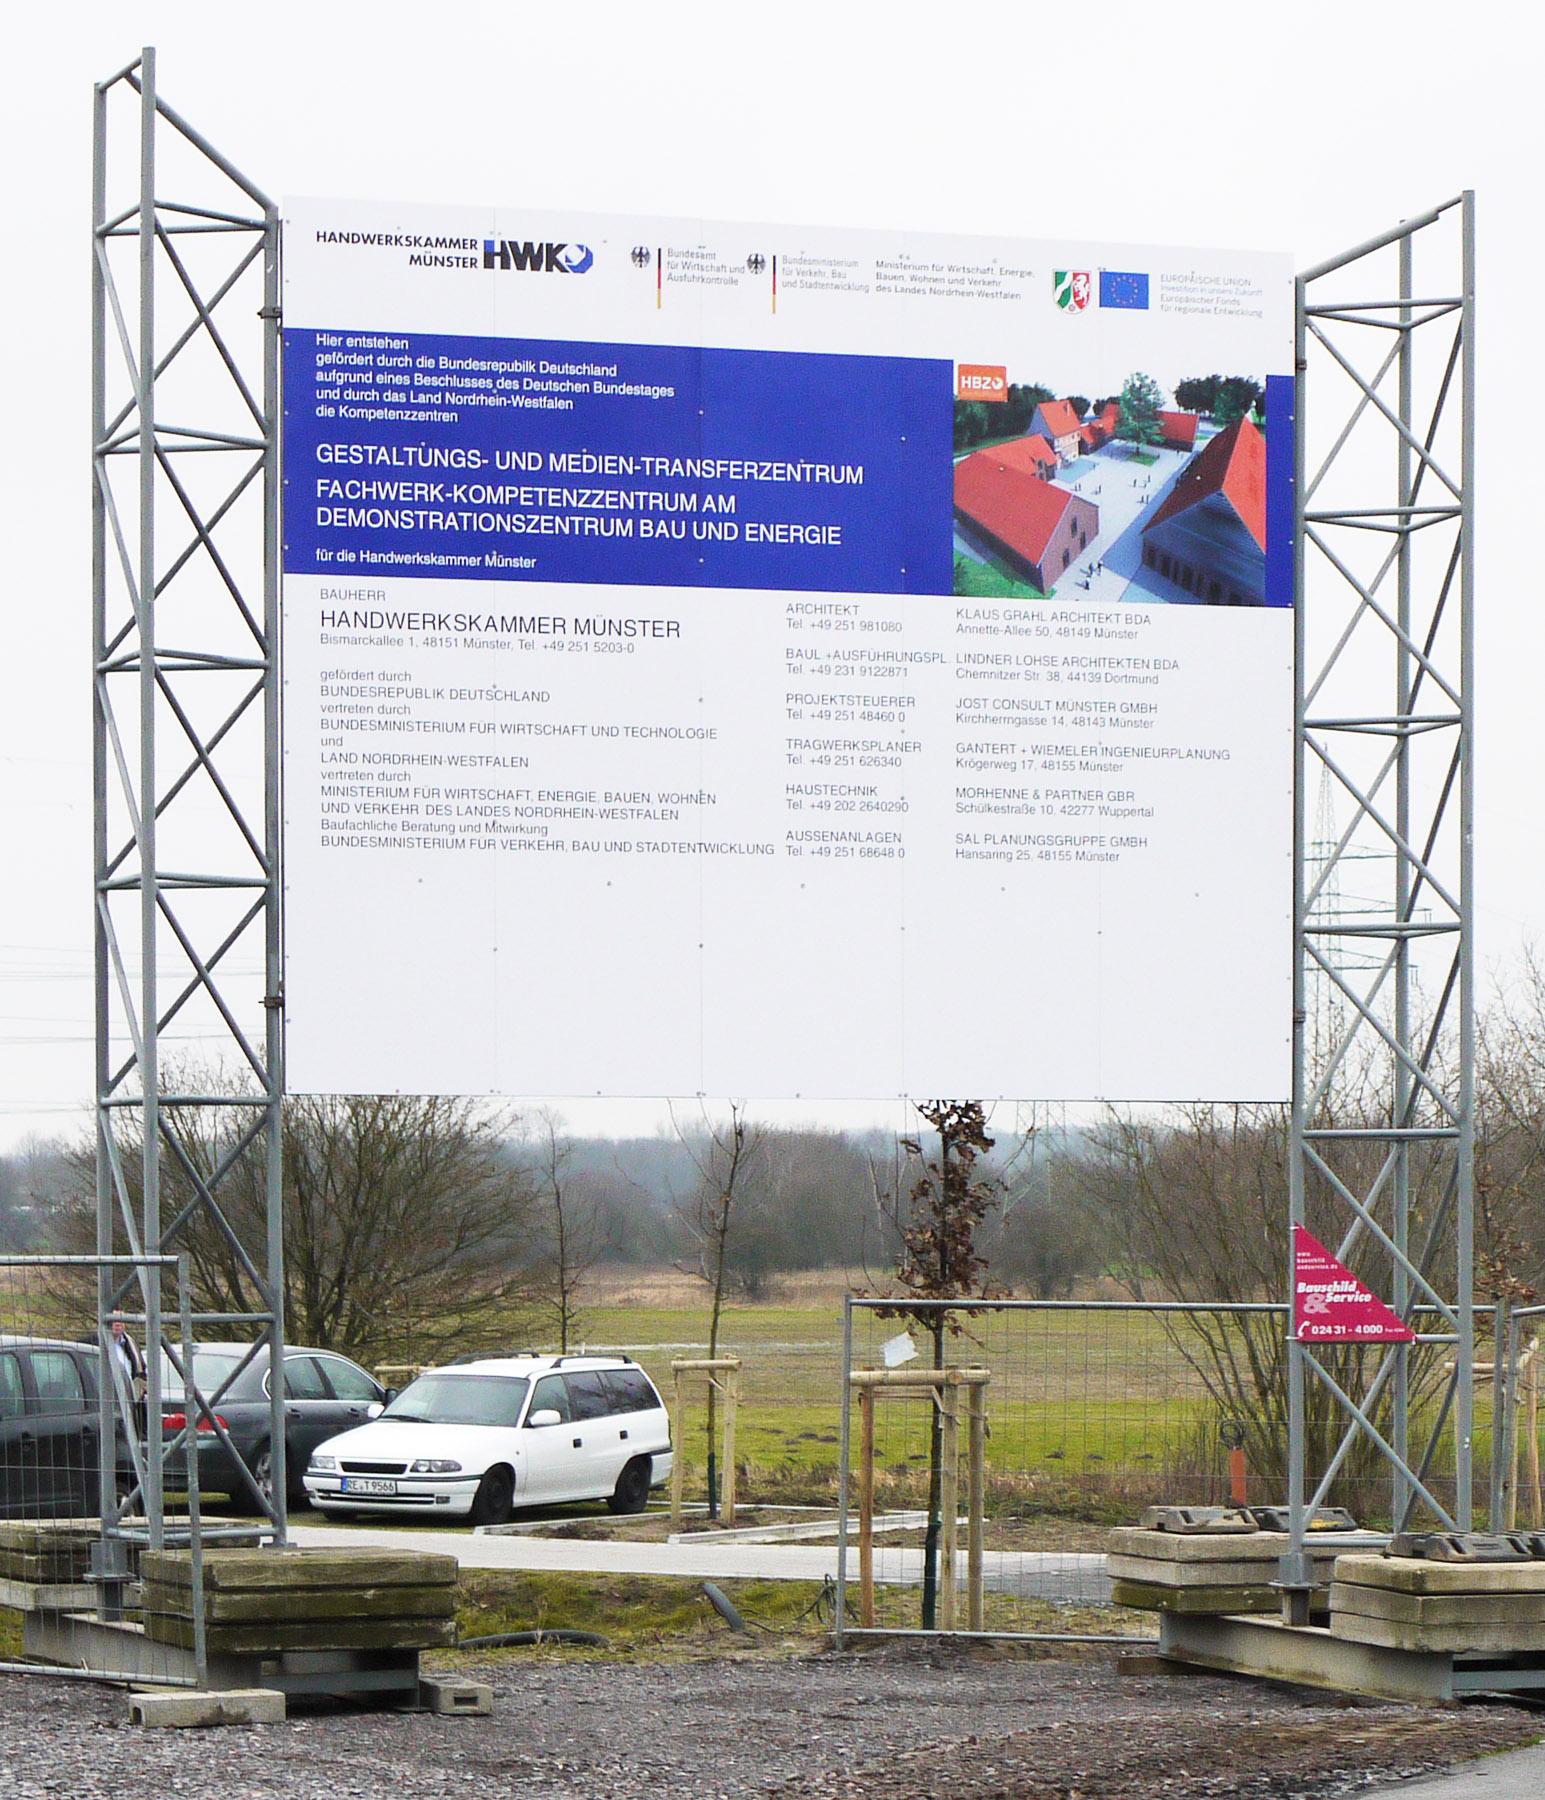 Neues Gebäude Auf Haus Kump Ab Mai 2013: Akademie-Gestaltung